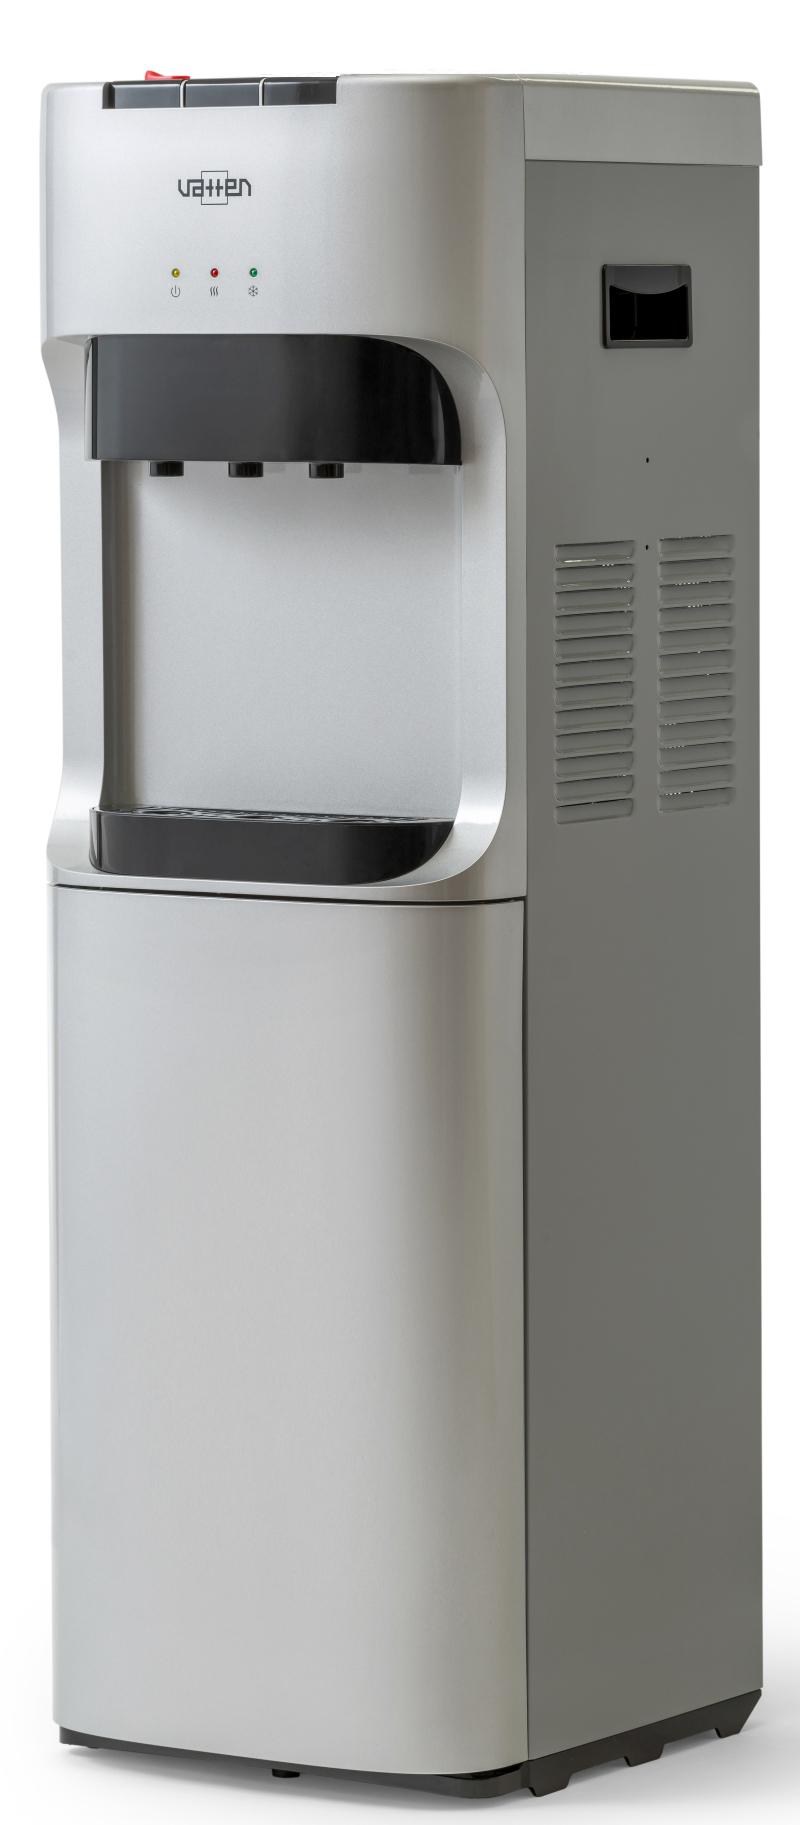 Кулер для воды VATTEN L45SE с нижней загрузкой бутыли